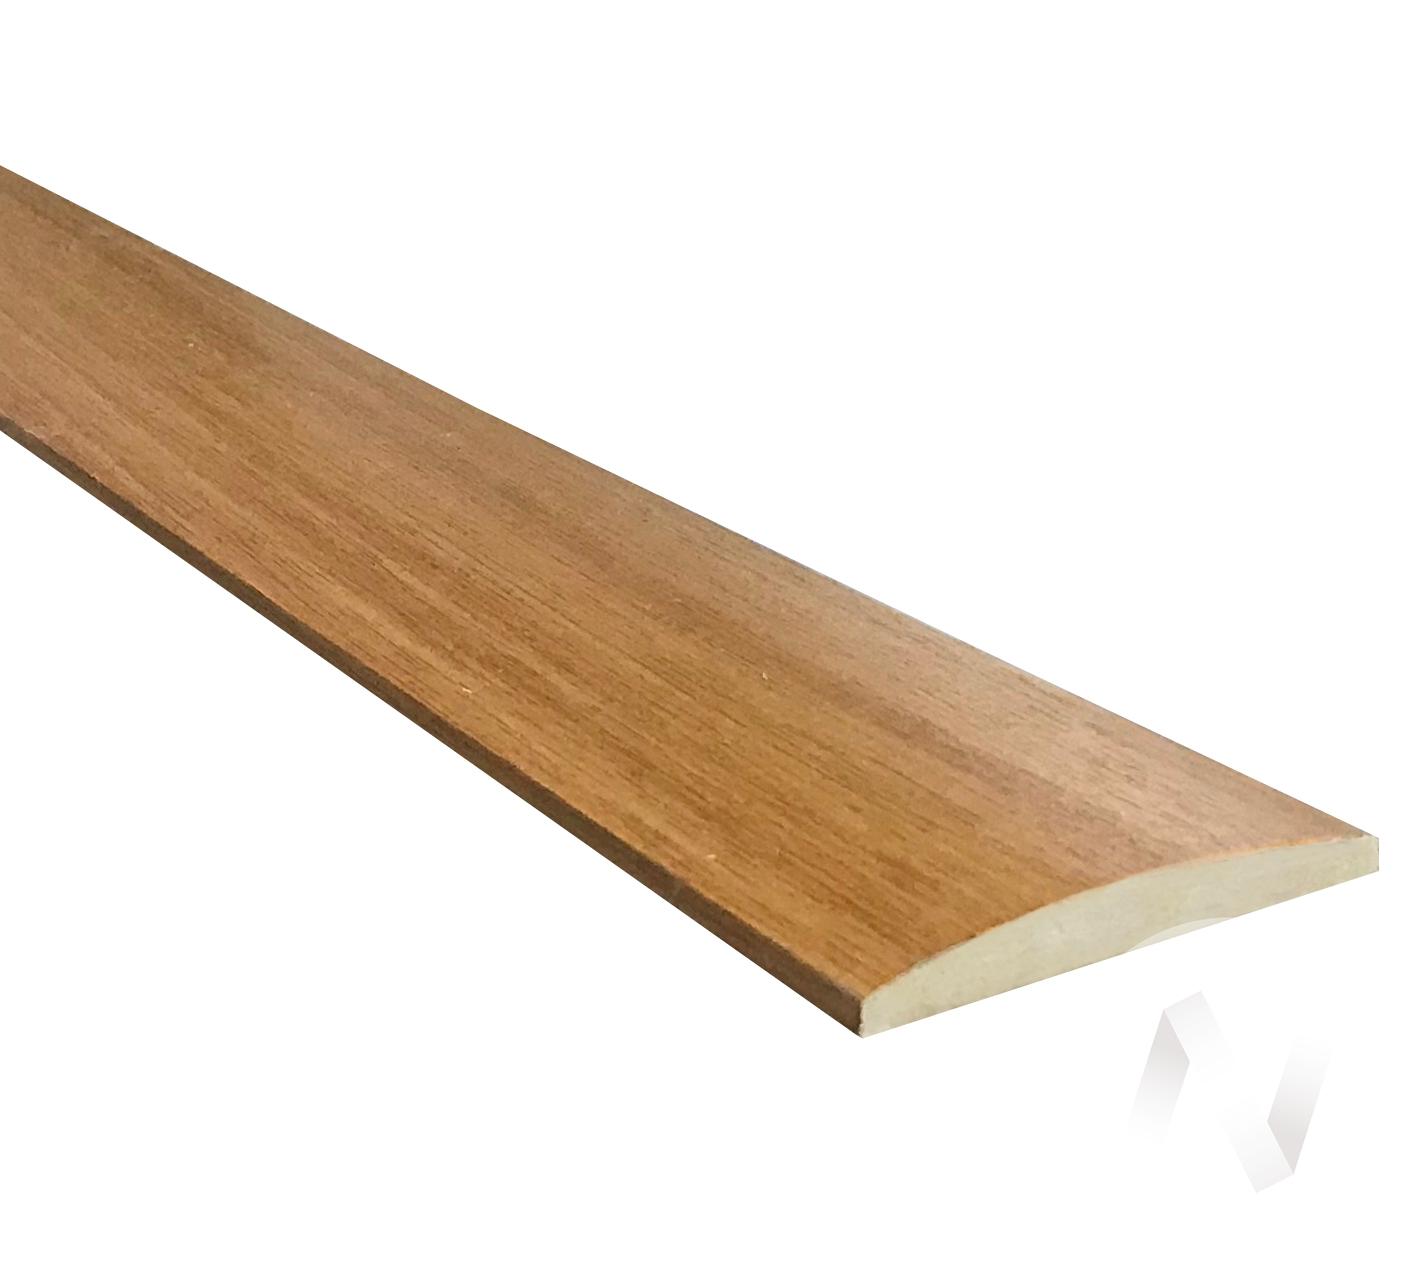 Наличник ПВХ овальный, 70*10*2150, миланский орех